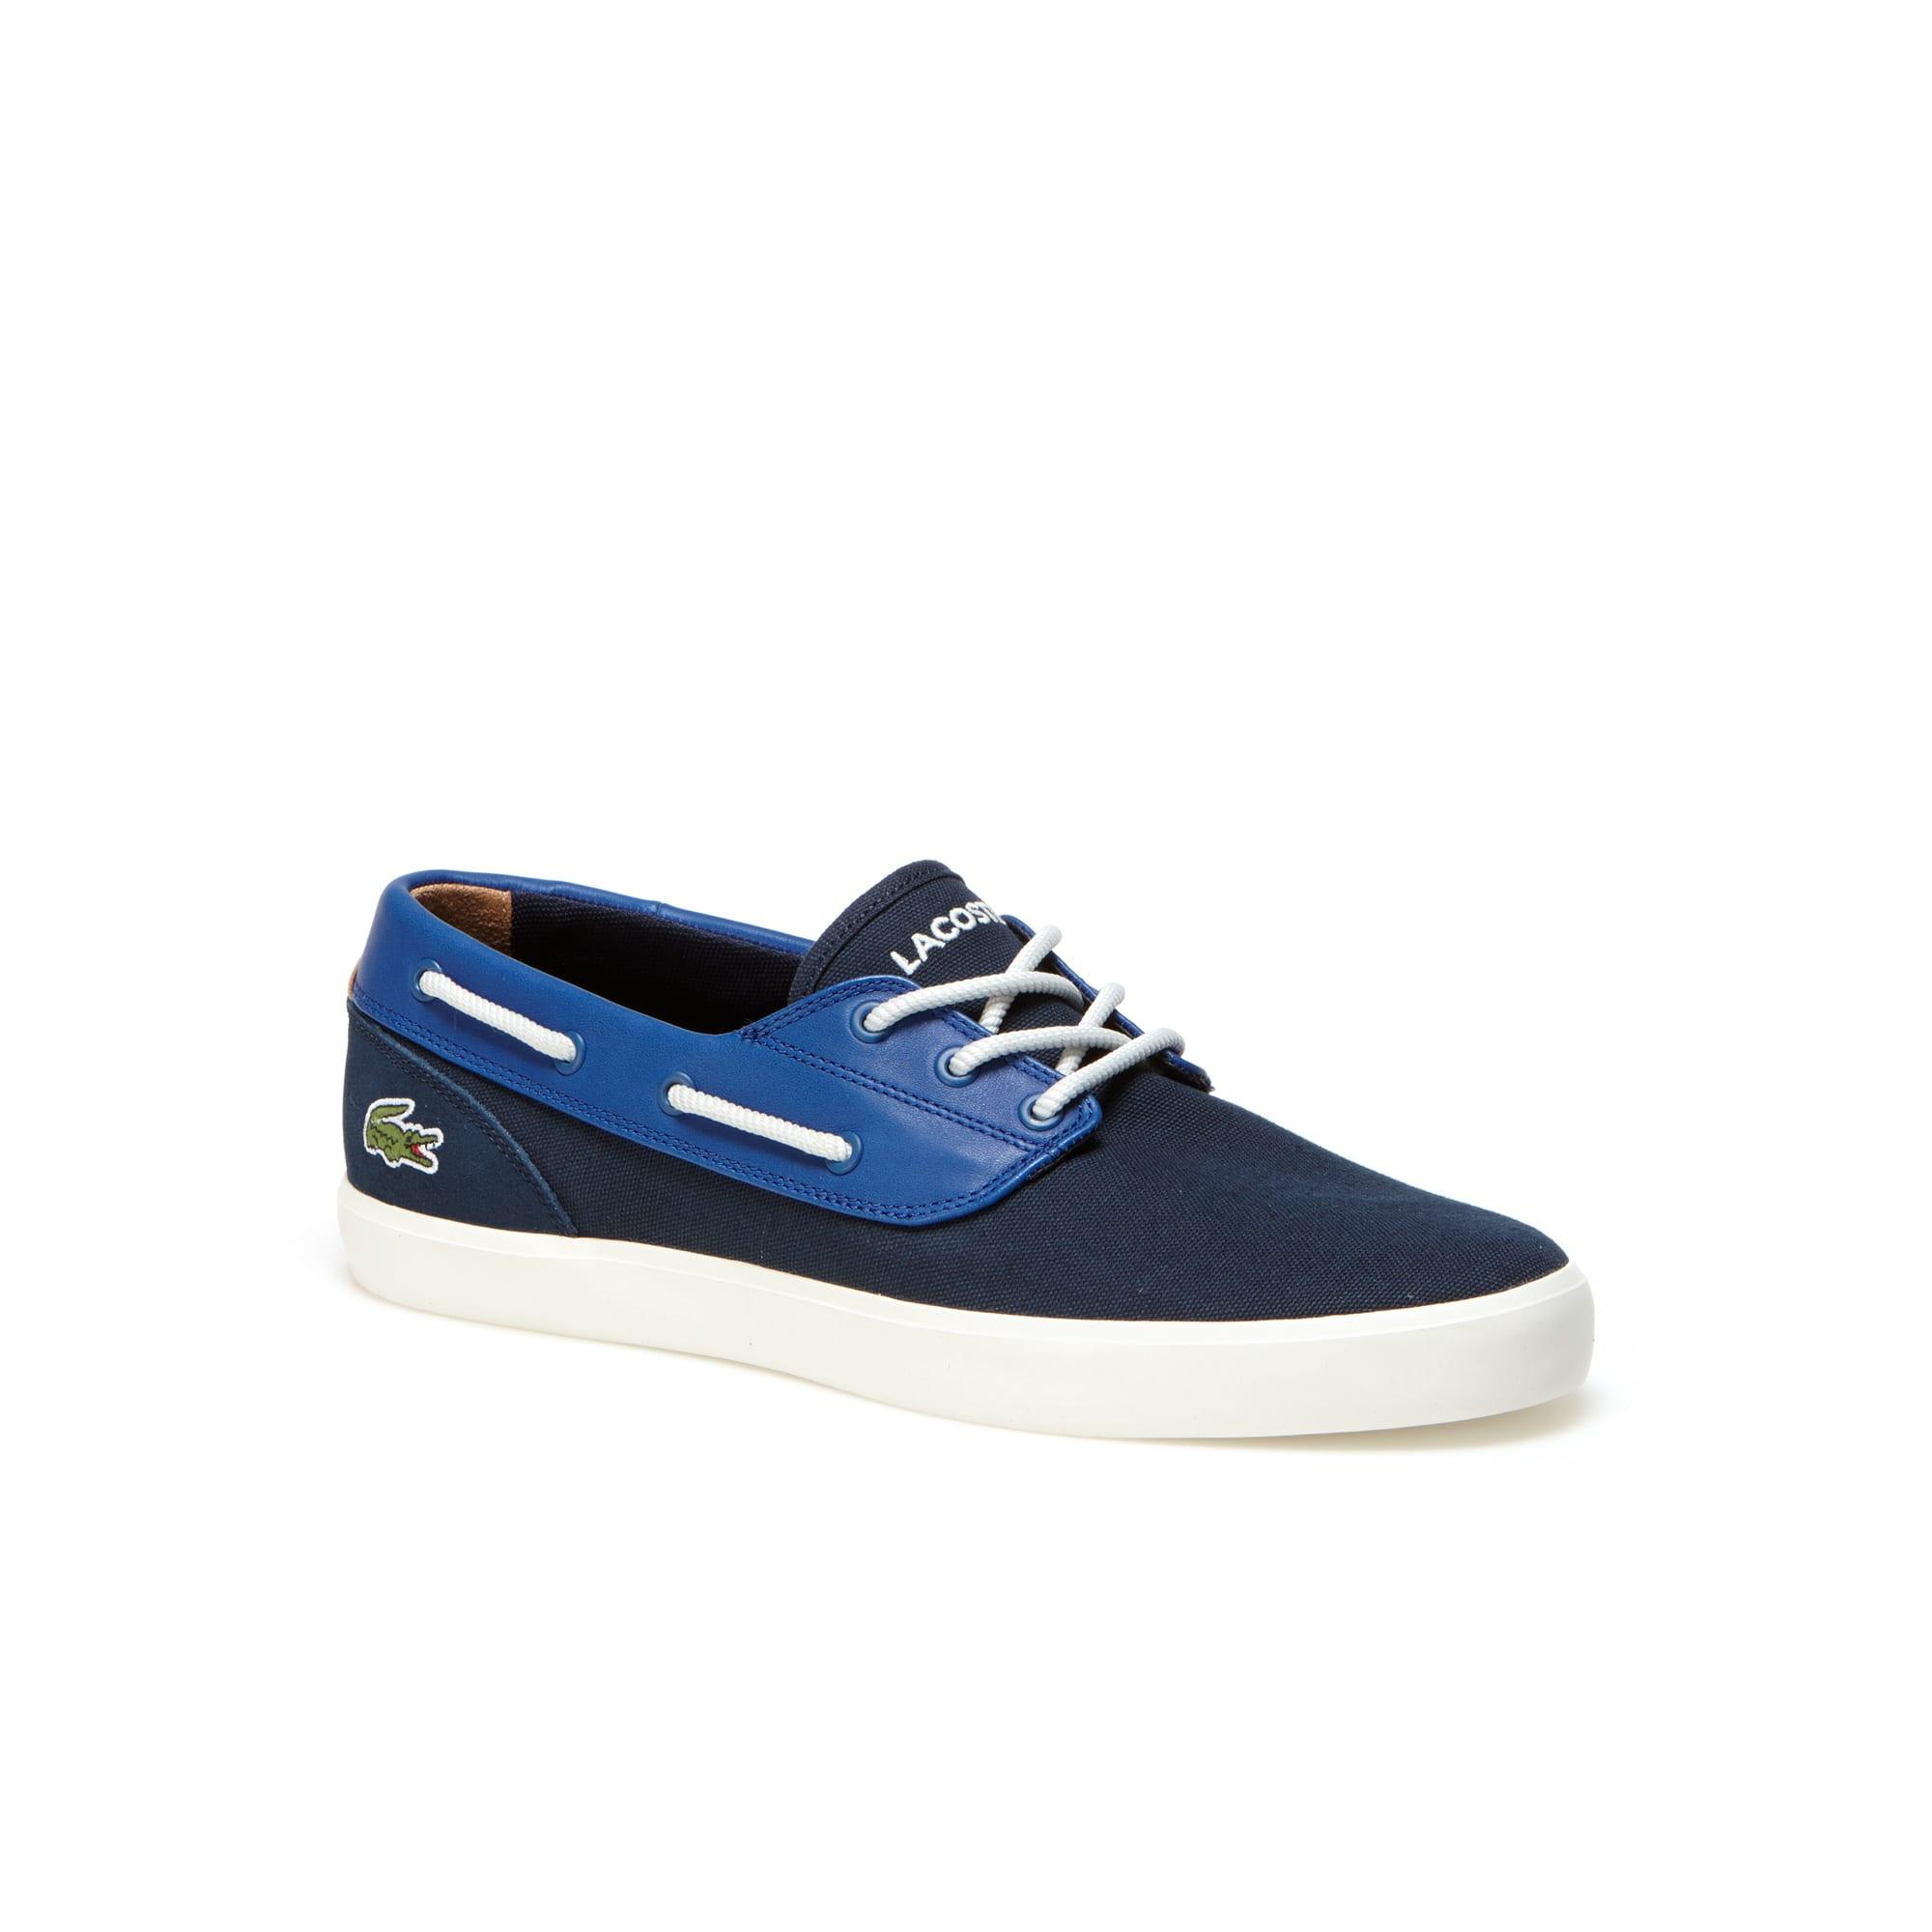 Men's Jouer Deck Canvas Boat Shoes